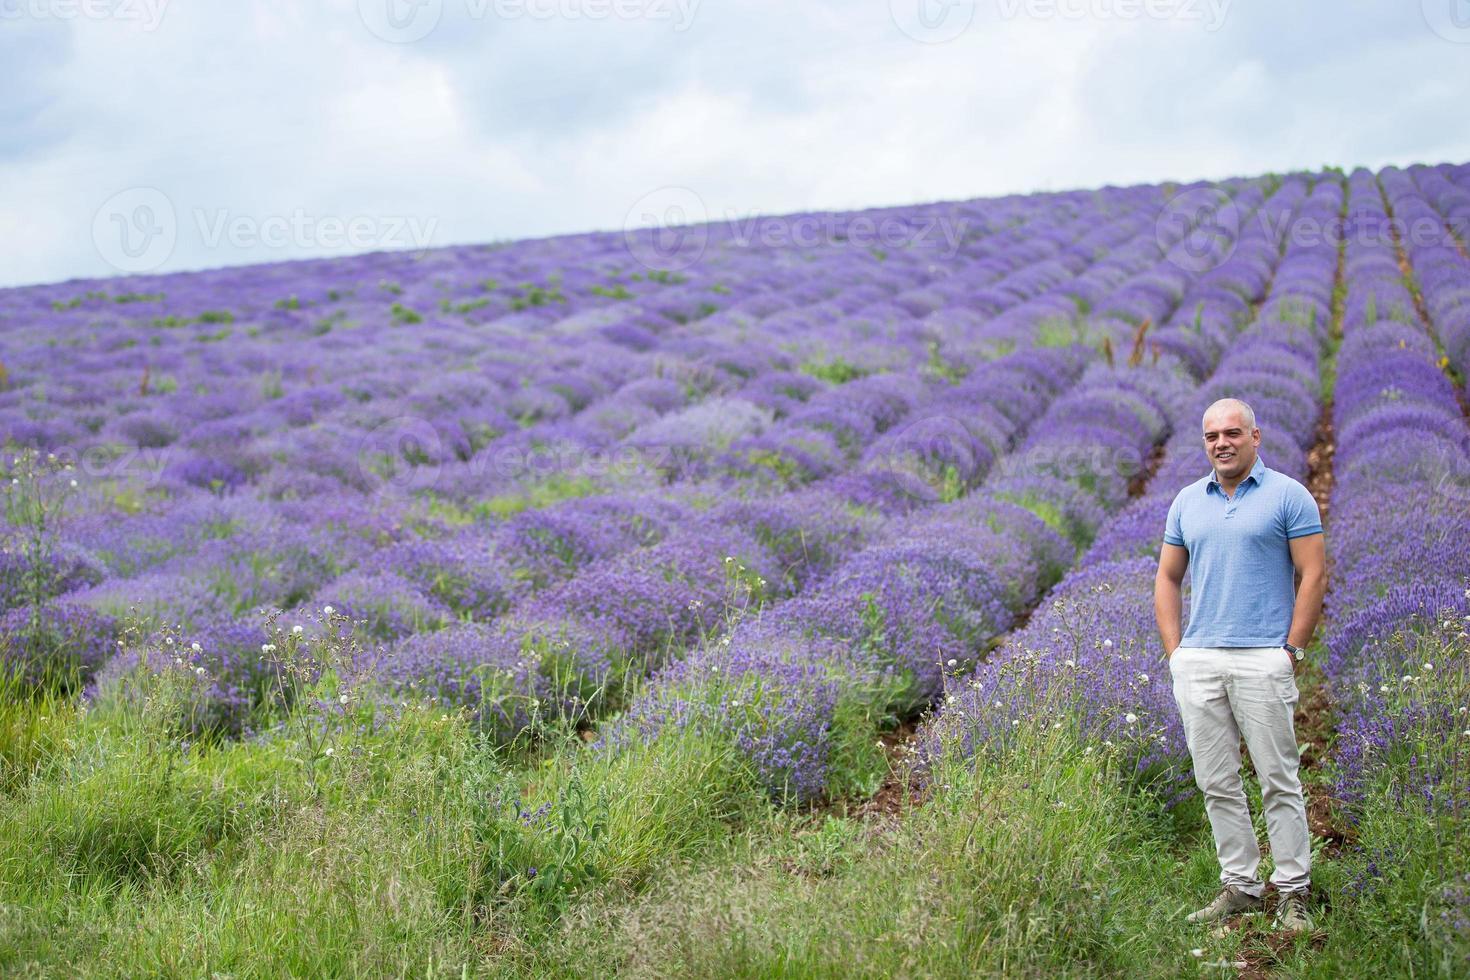 mannelijke persoon in het veld van lavendel foto